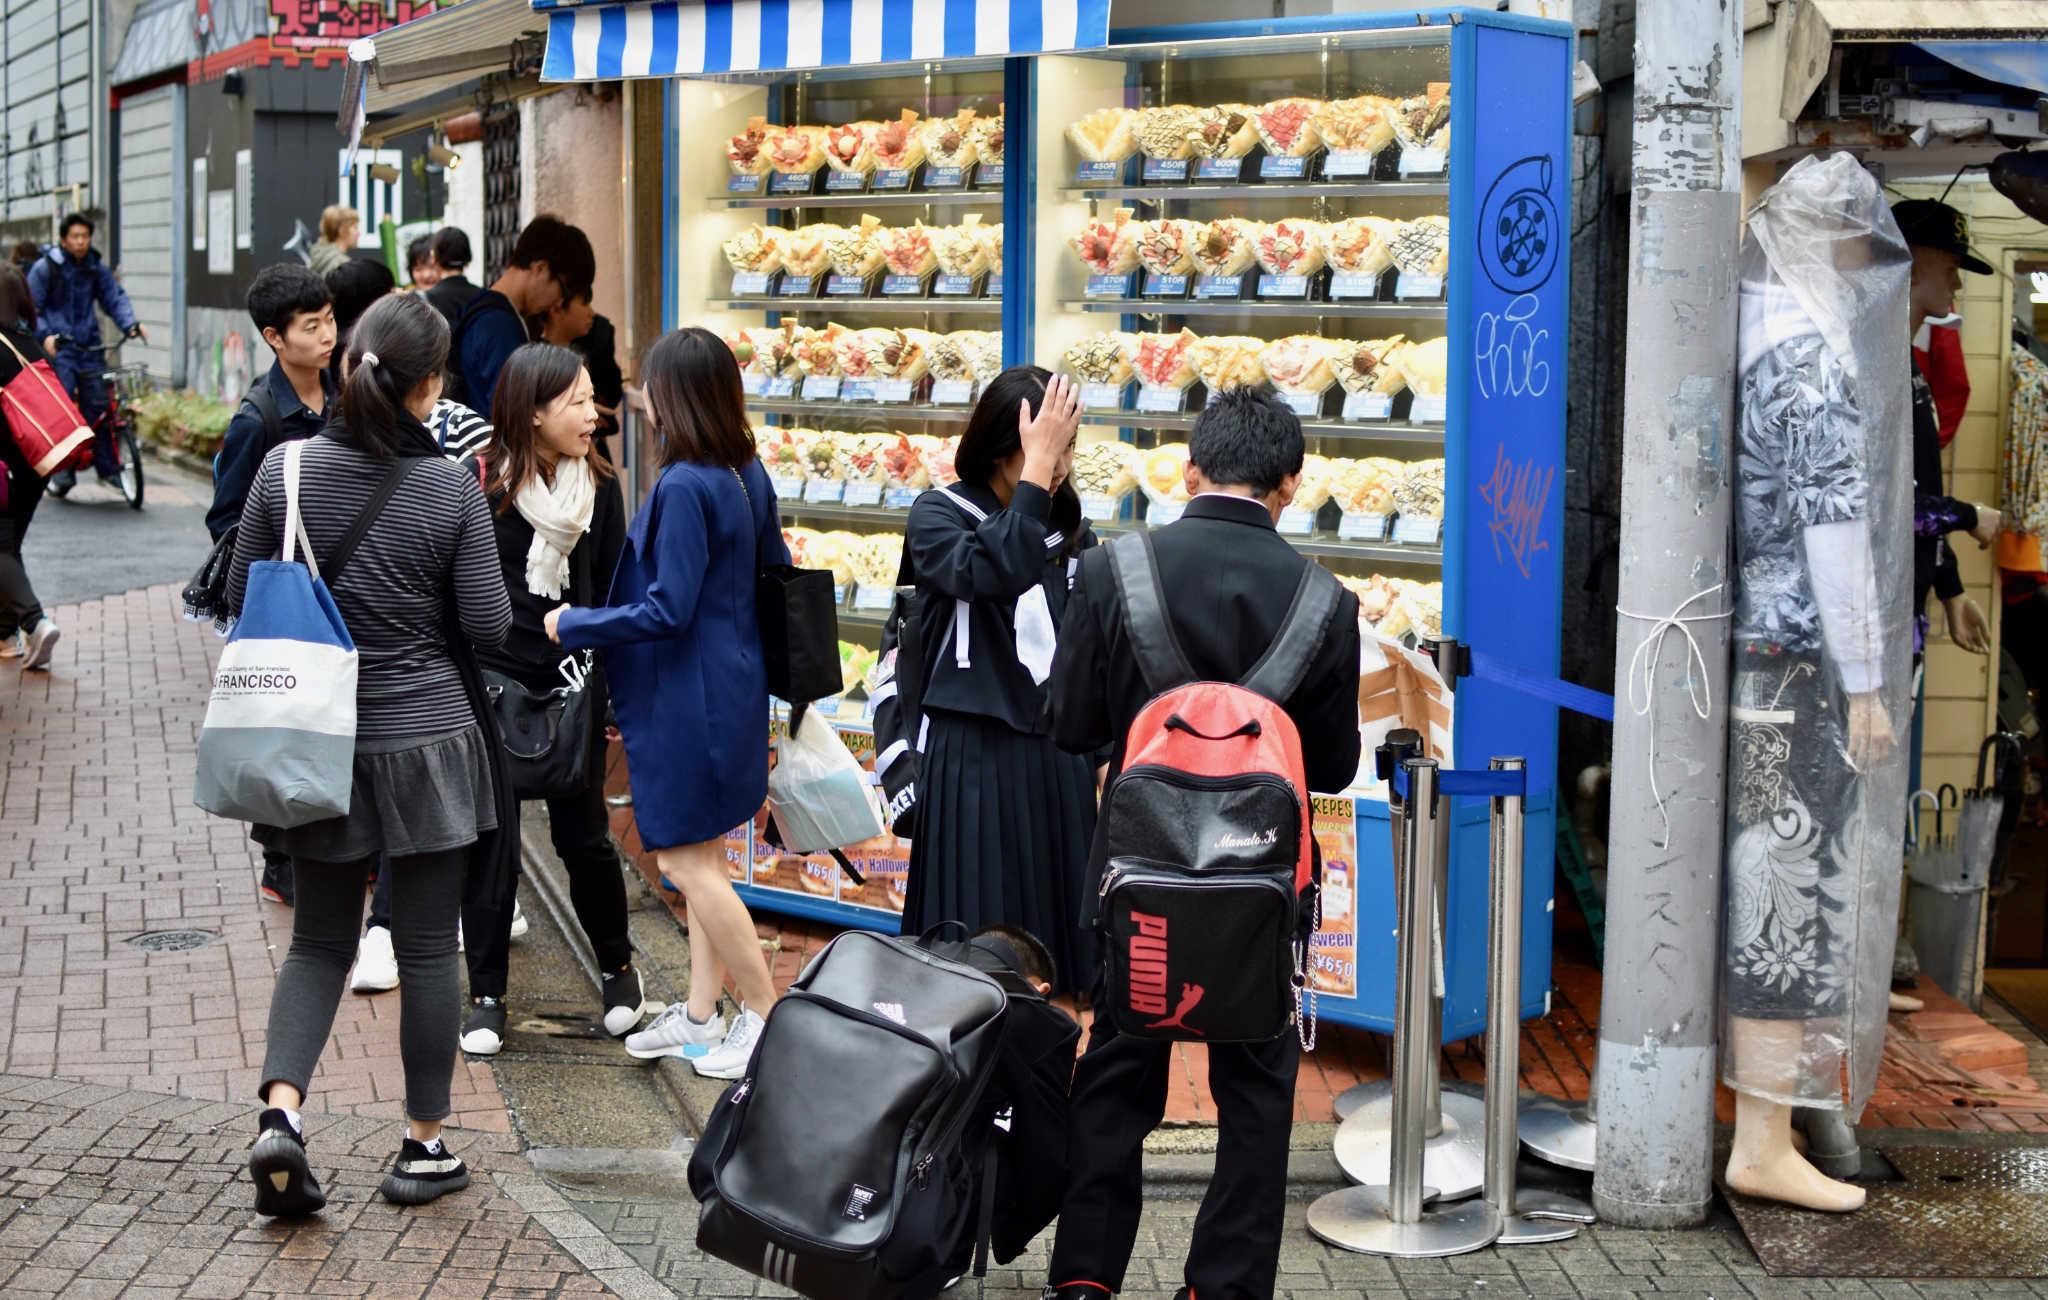 Des écoliers devant des maquettes de crêpes